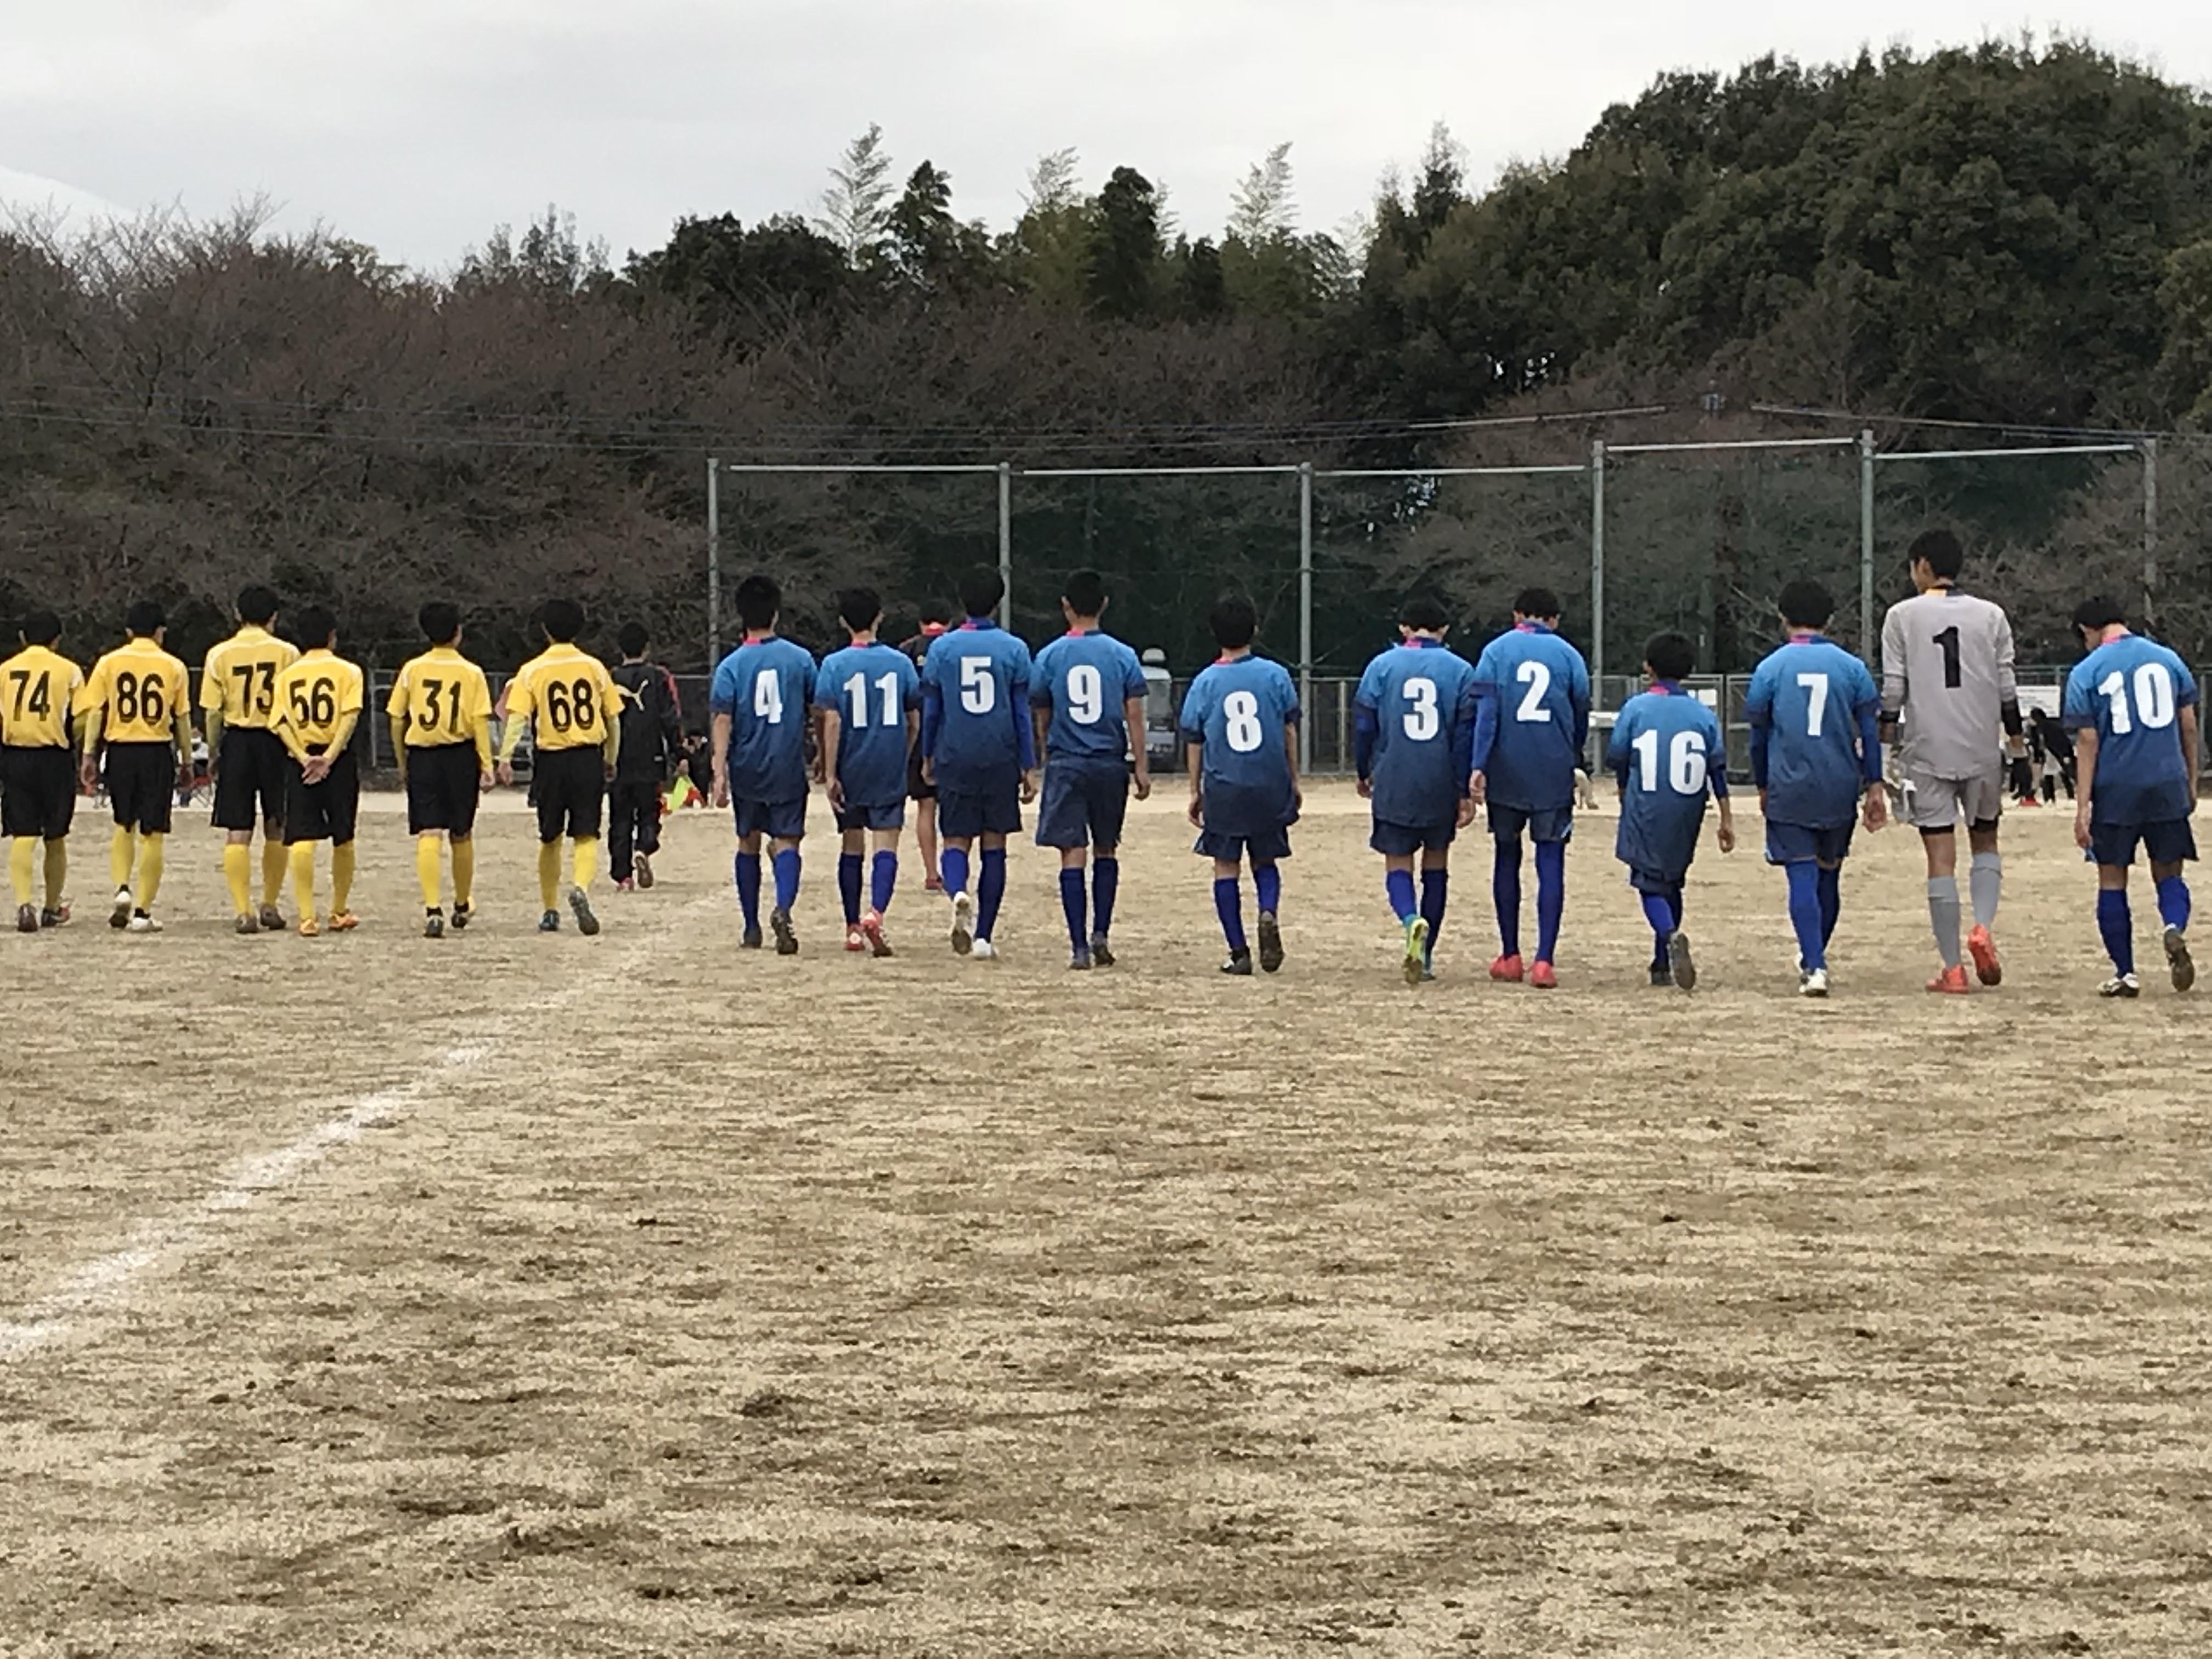 第33回福岡県クラブユースサッカー選手権大会 福岡支部大会予選組み合わせ決定!